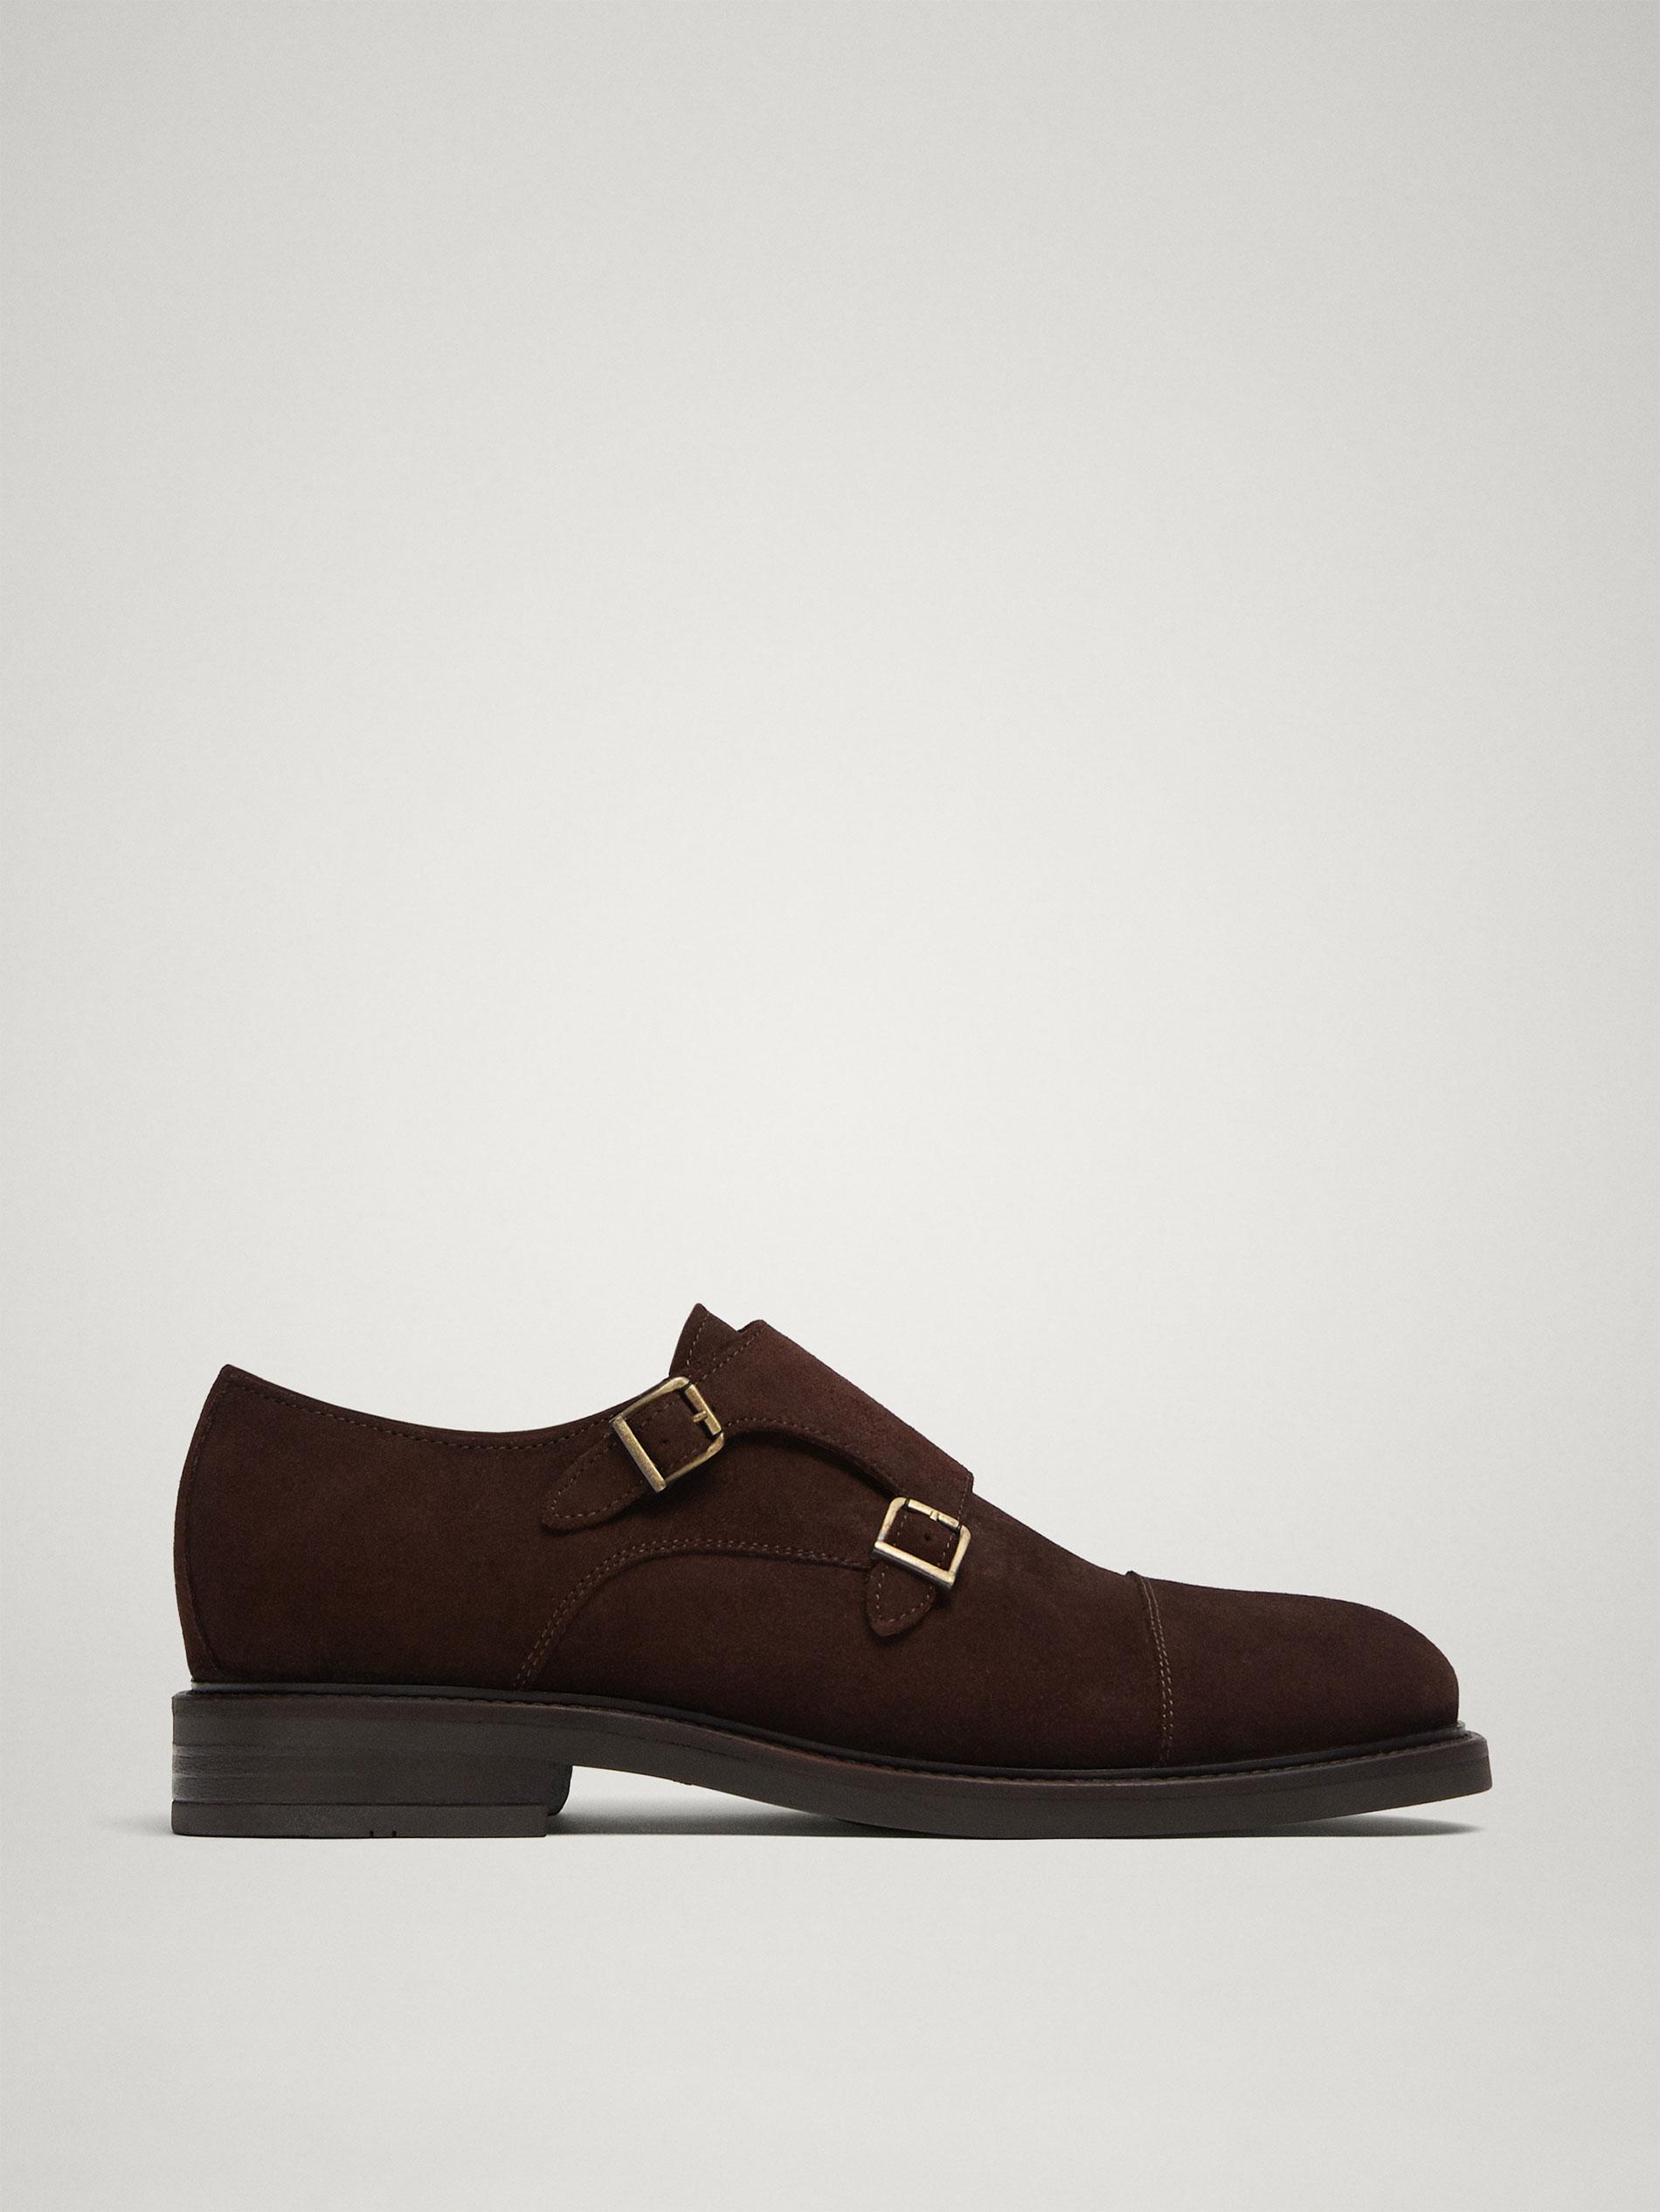 Dutti Panamá Zapatos Hombre Rebajas Massimo kXOP8wn0